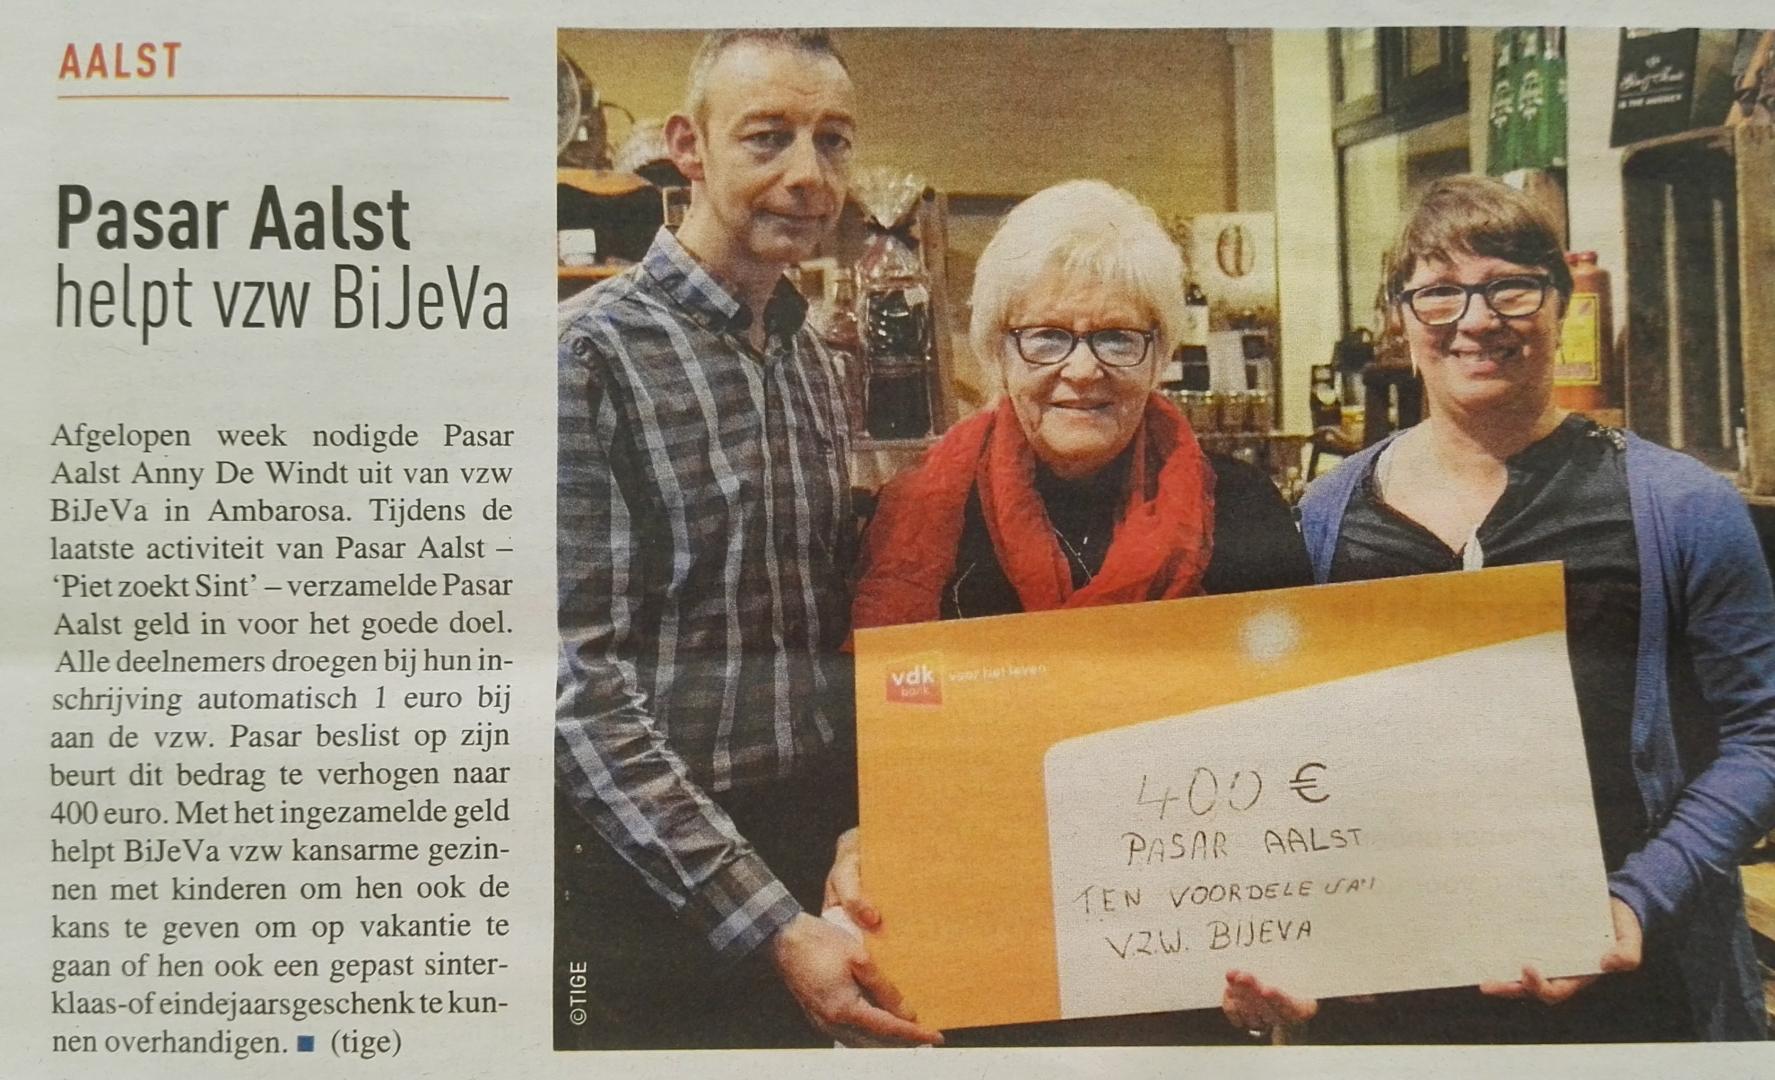 Pasar Aalst steunt BiJeVa